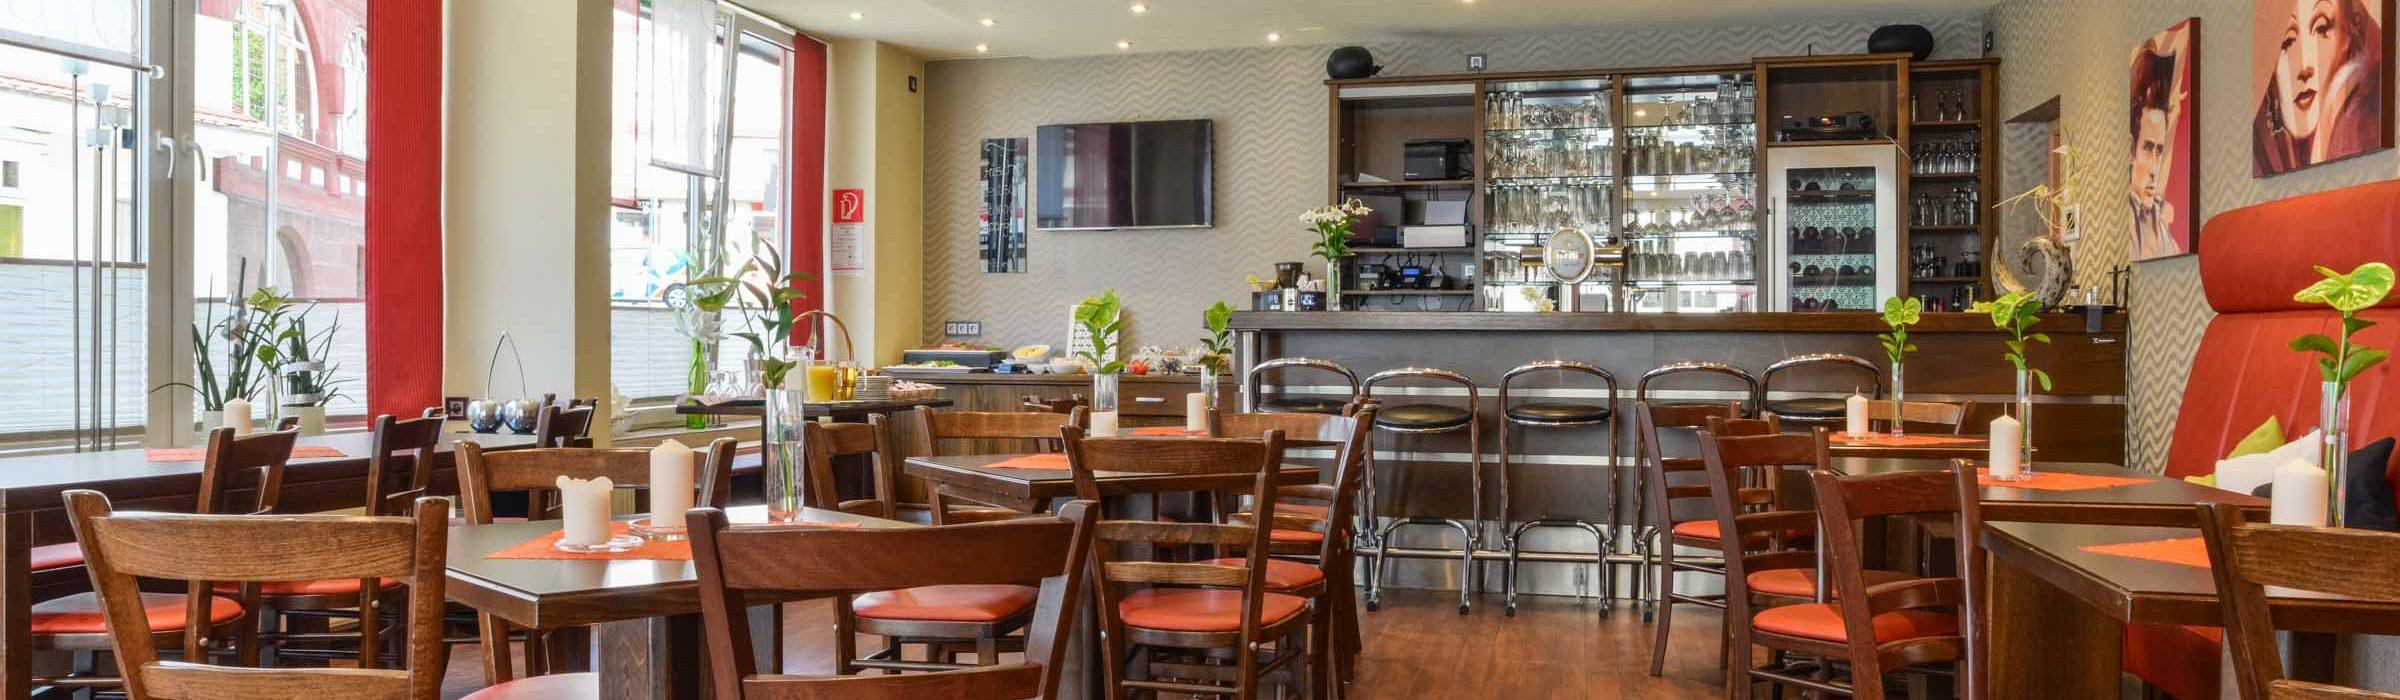 Hotel Hessischer Hof Kirchhain - Bistro Restaurant